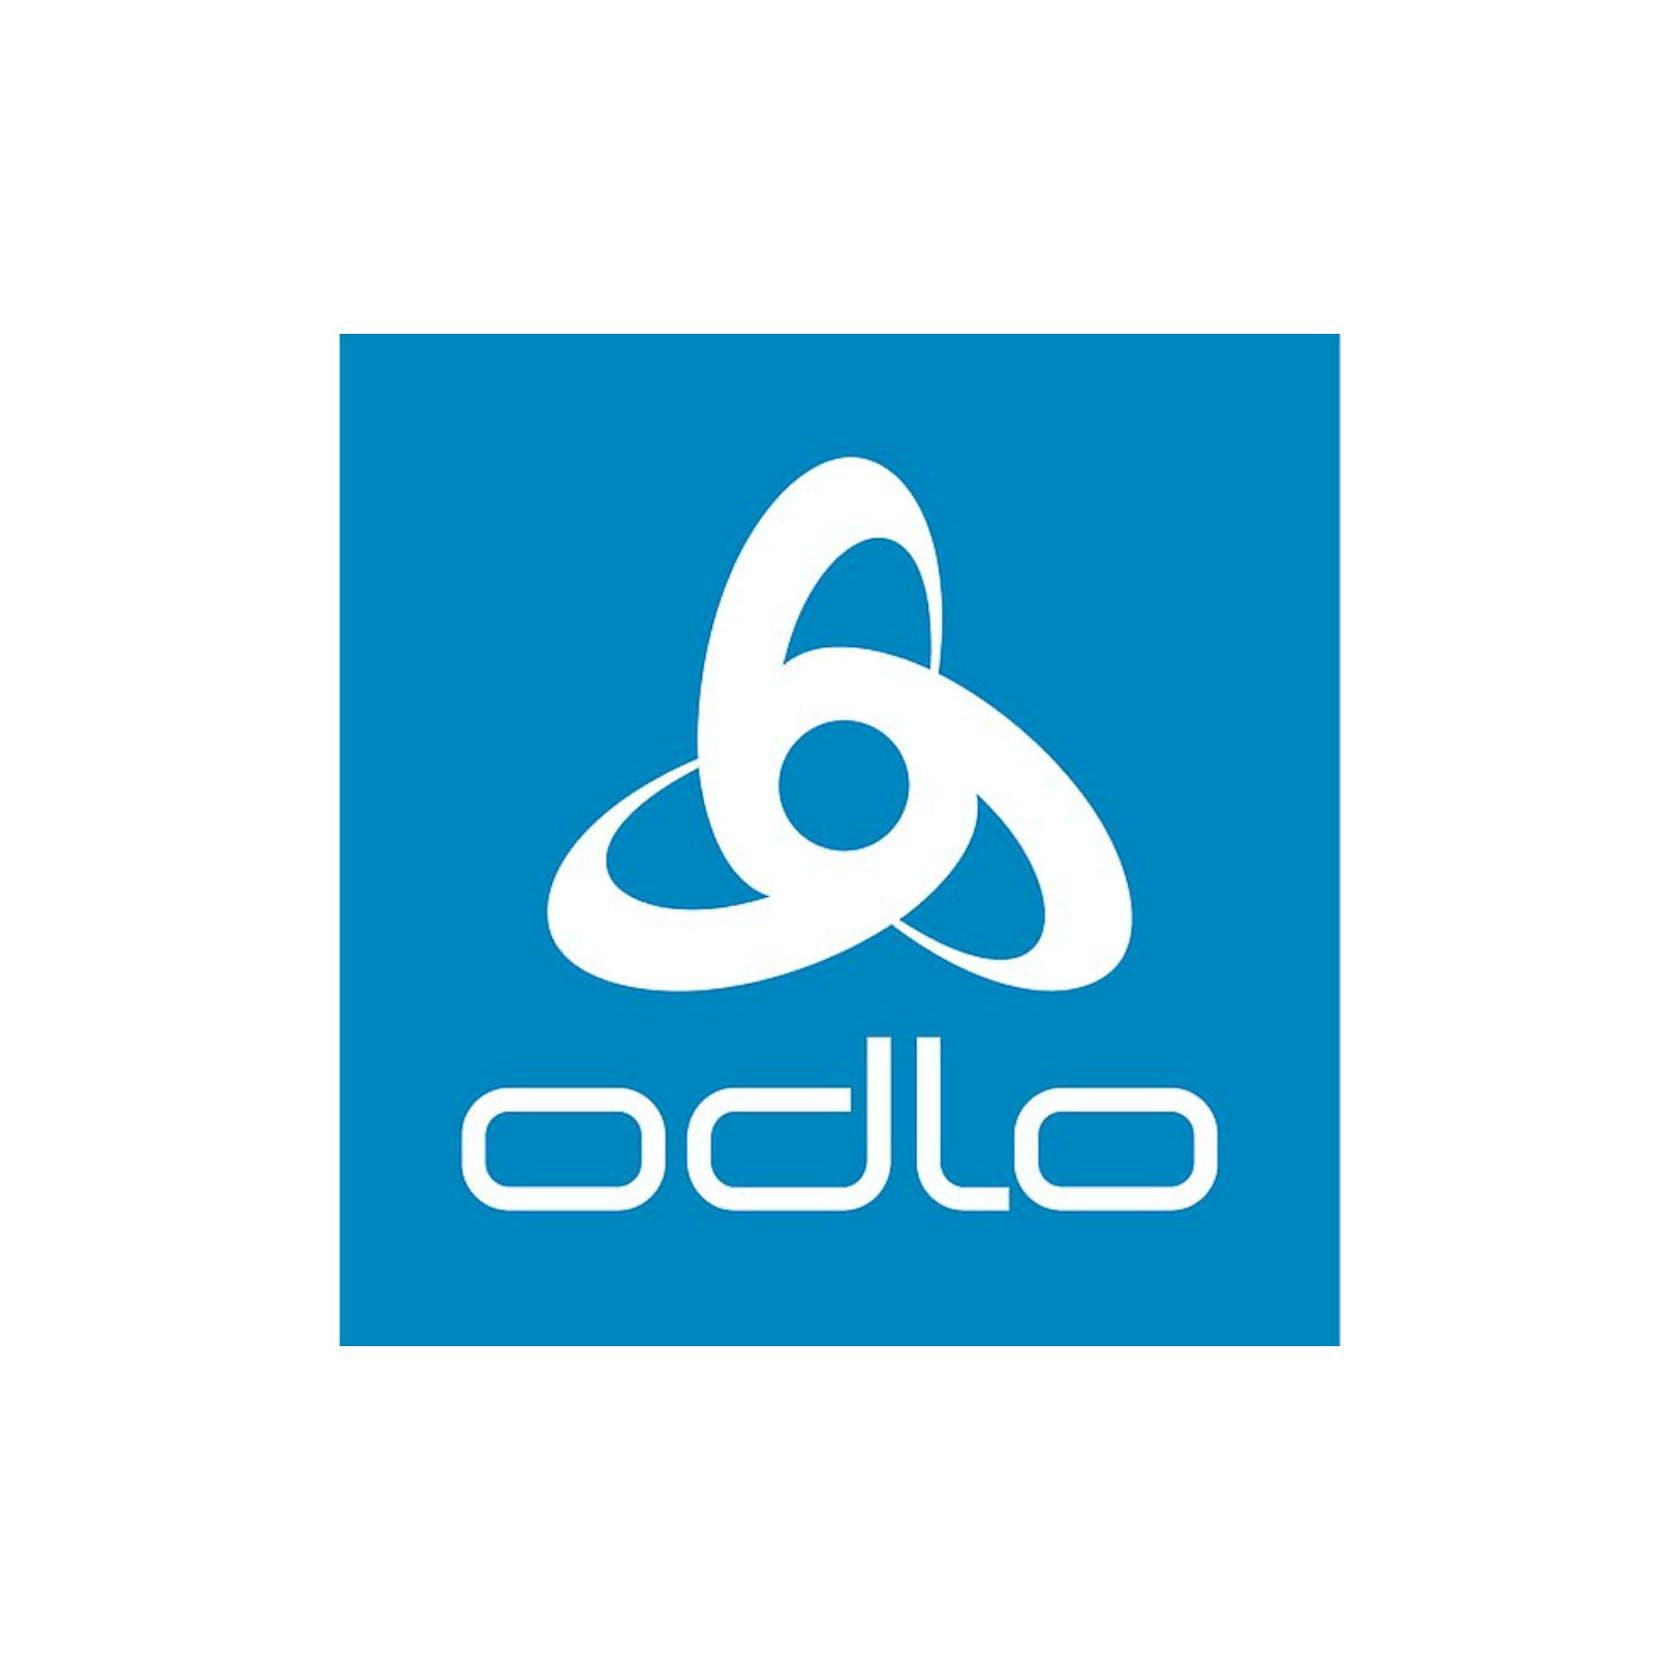 Onlineshop Odlo